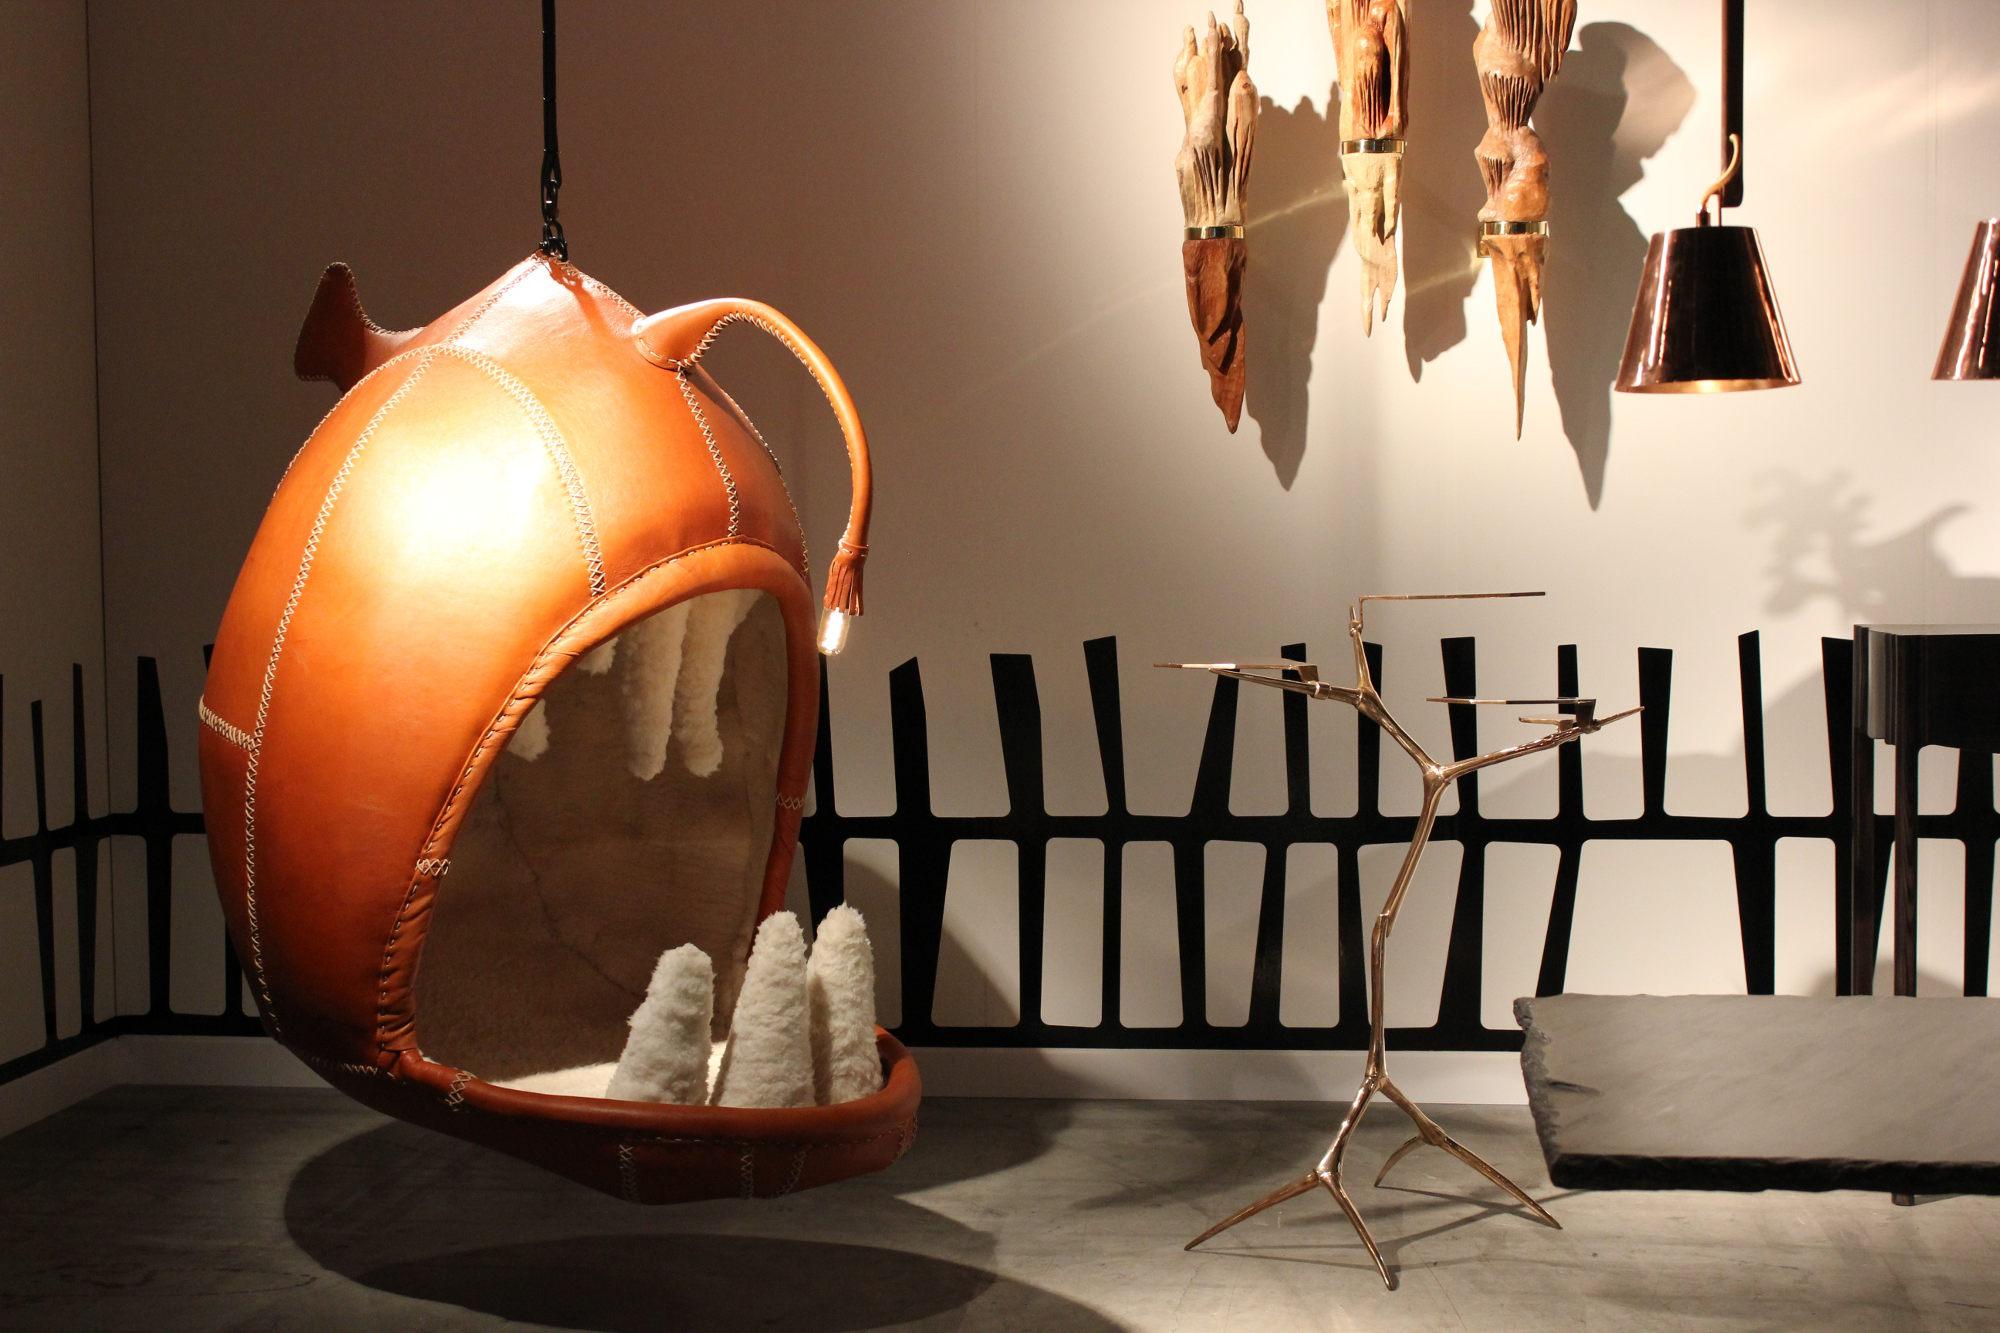 Unsinniger Blickfang: Die zahlreichen zeitgenössischen Entwürfe buhlen um Aufmerksamkeit. So auch der Sitzfisch bei Southern Guild aus Cape Town.